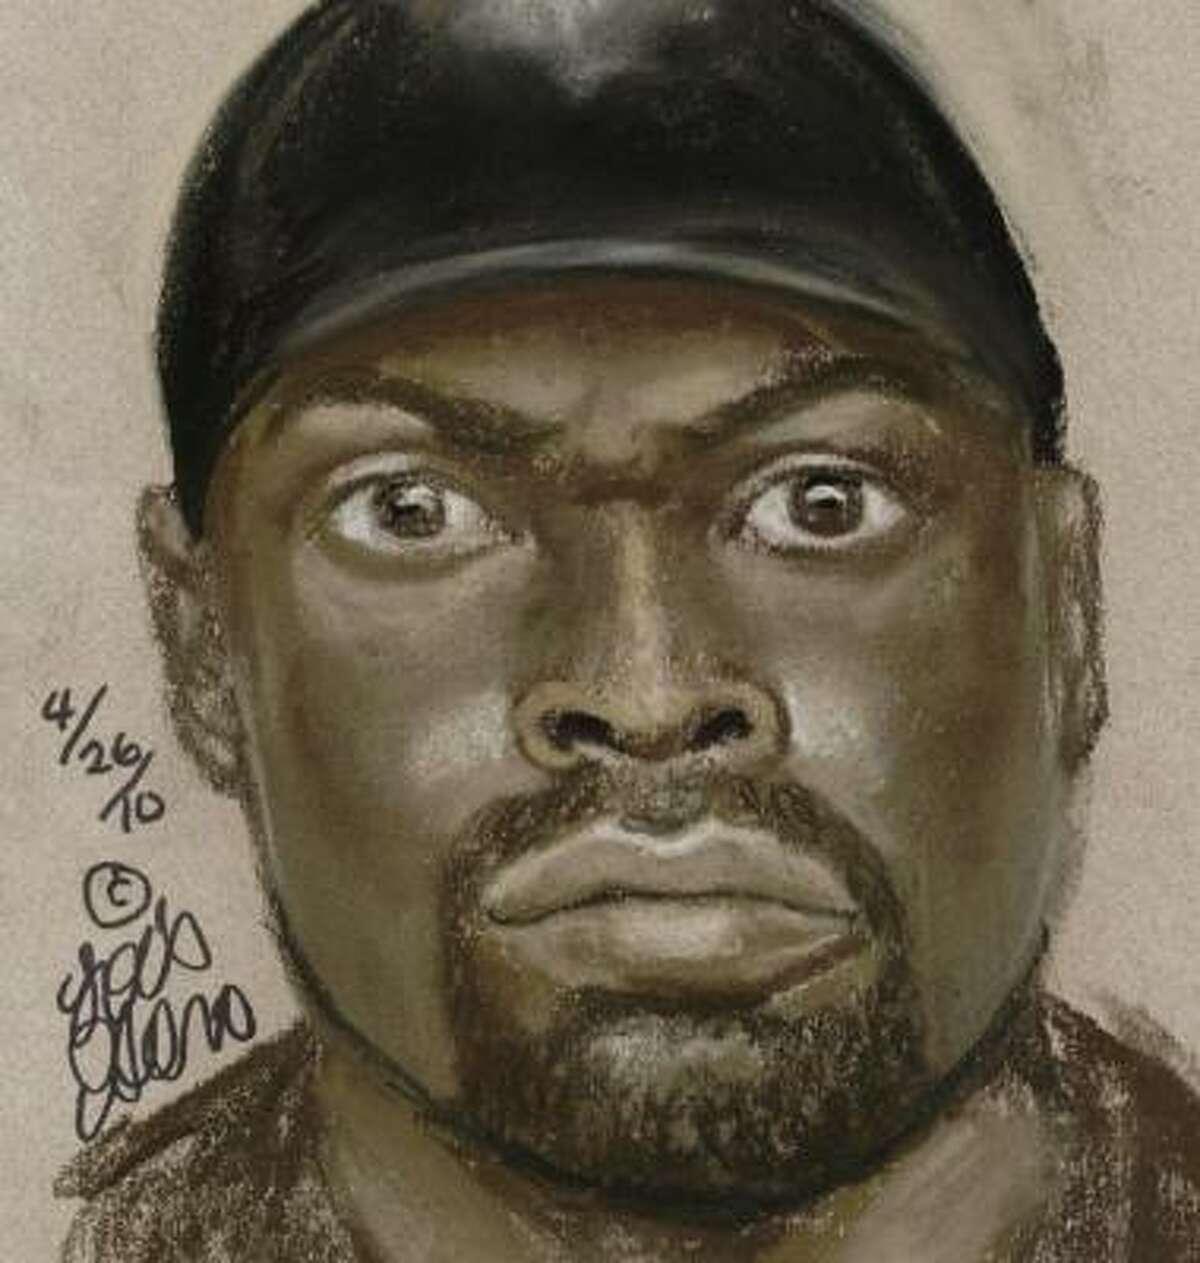 Police believe this man was wielding the gun.